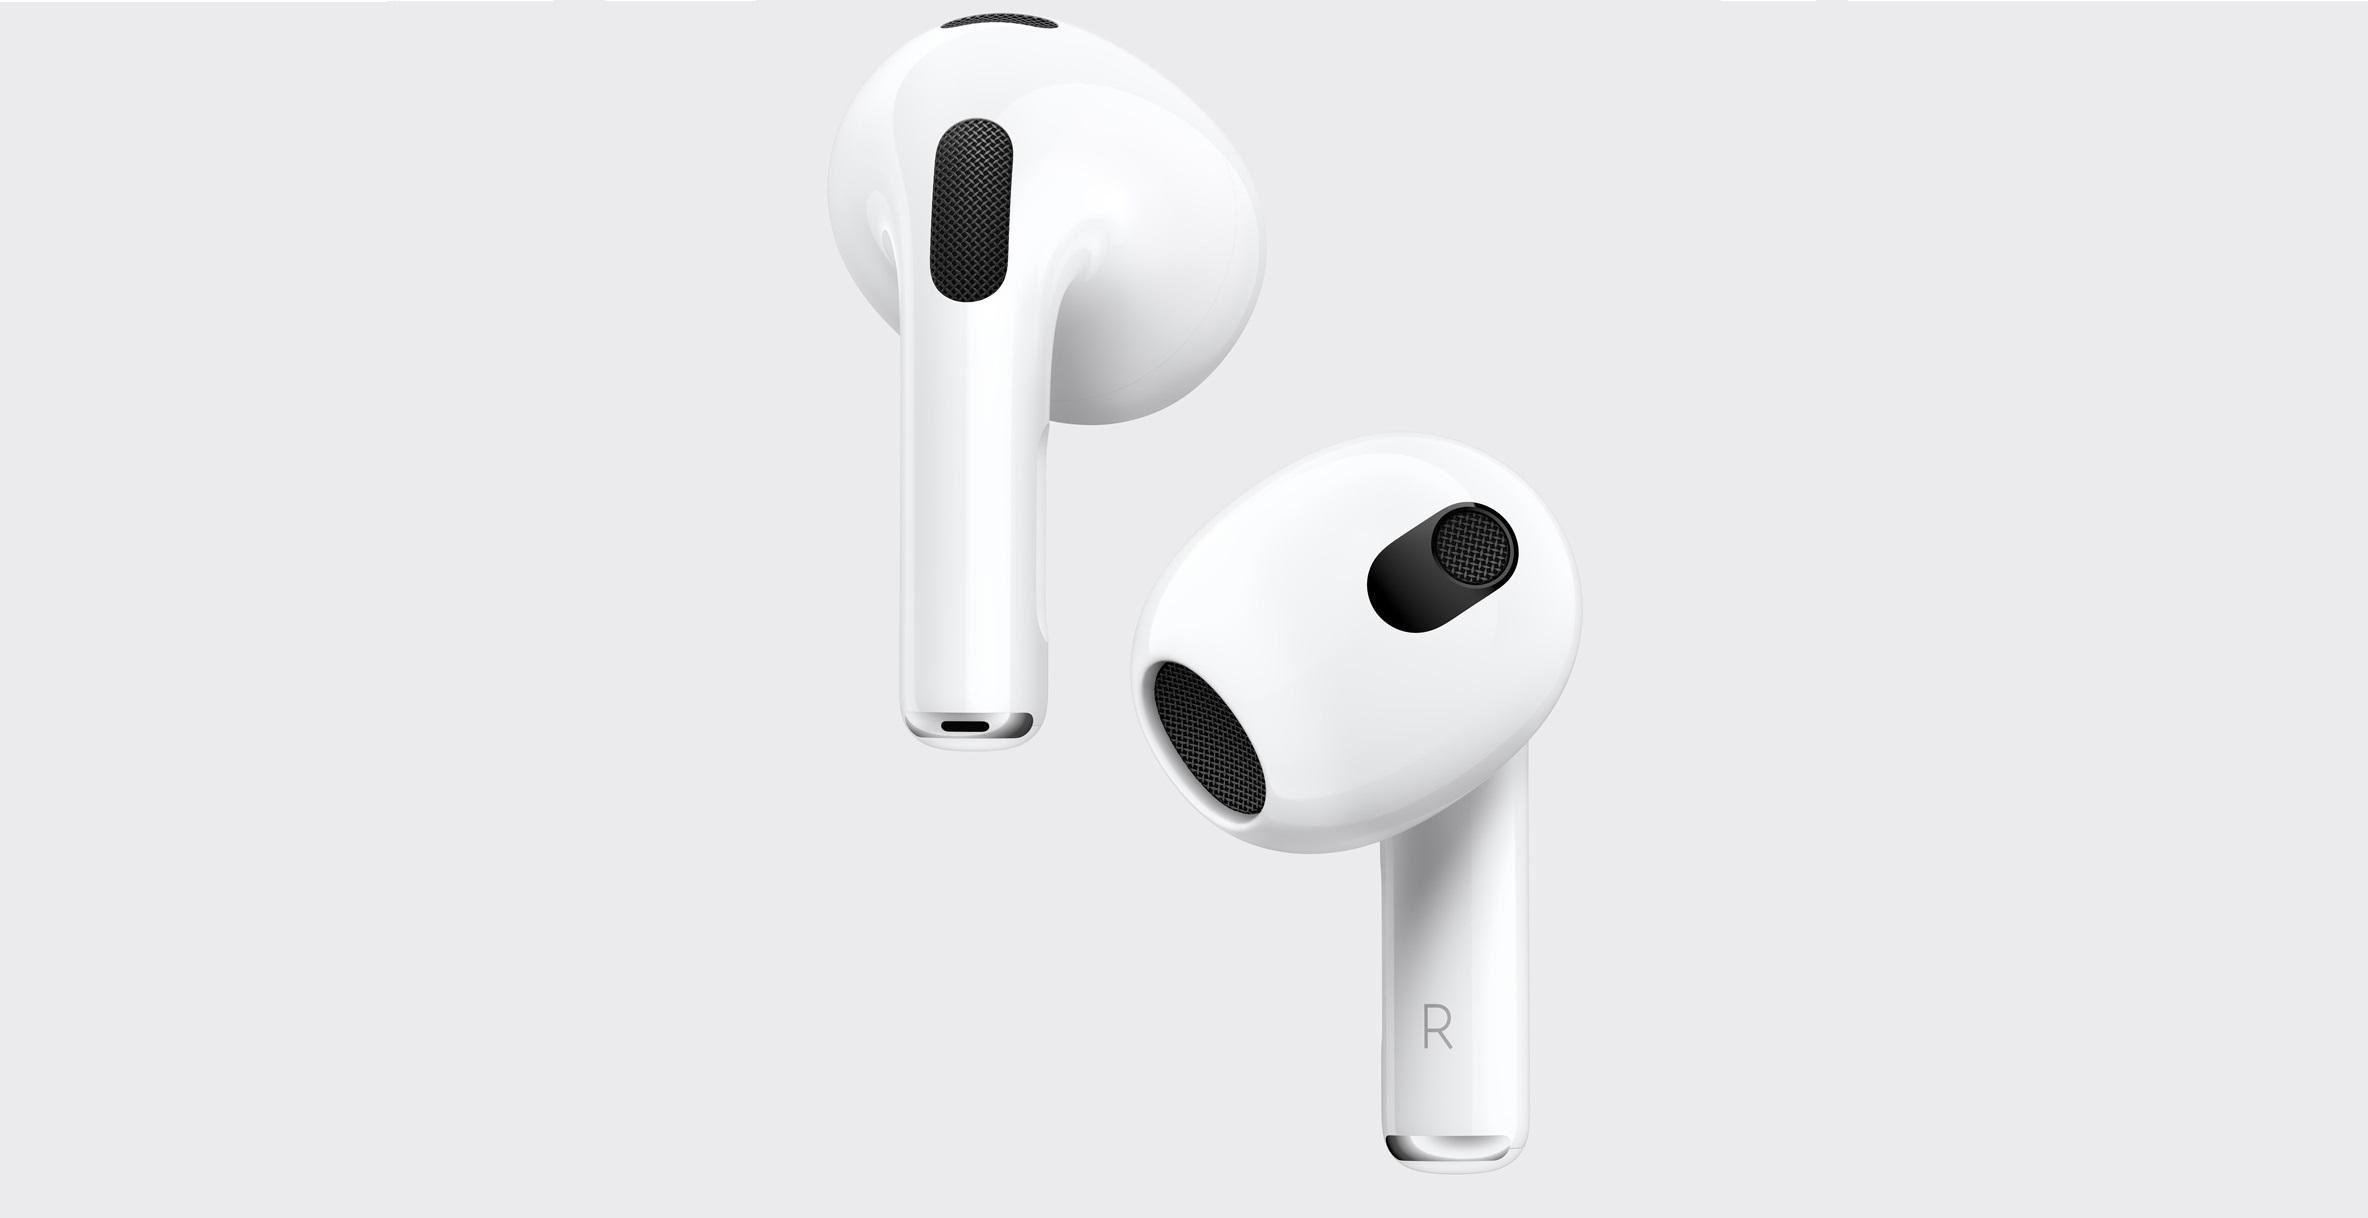 Apple AirPods 3  новый динамик, до 30 часов работы и поддержка MagSafe по цене $179